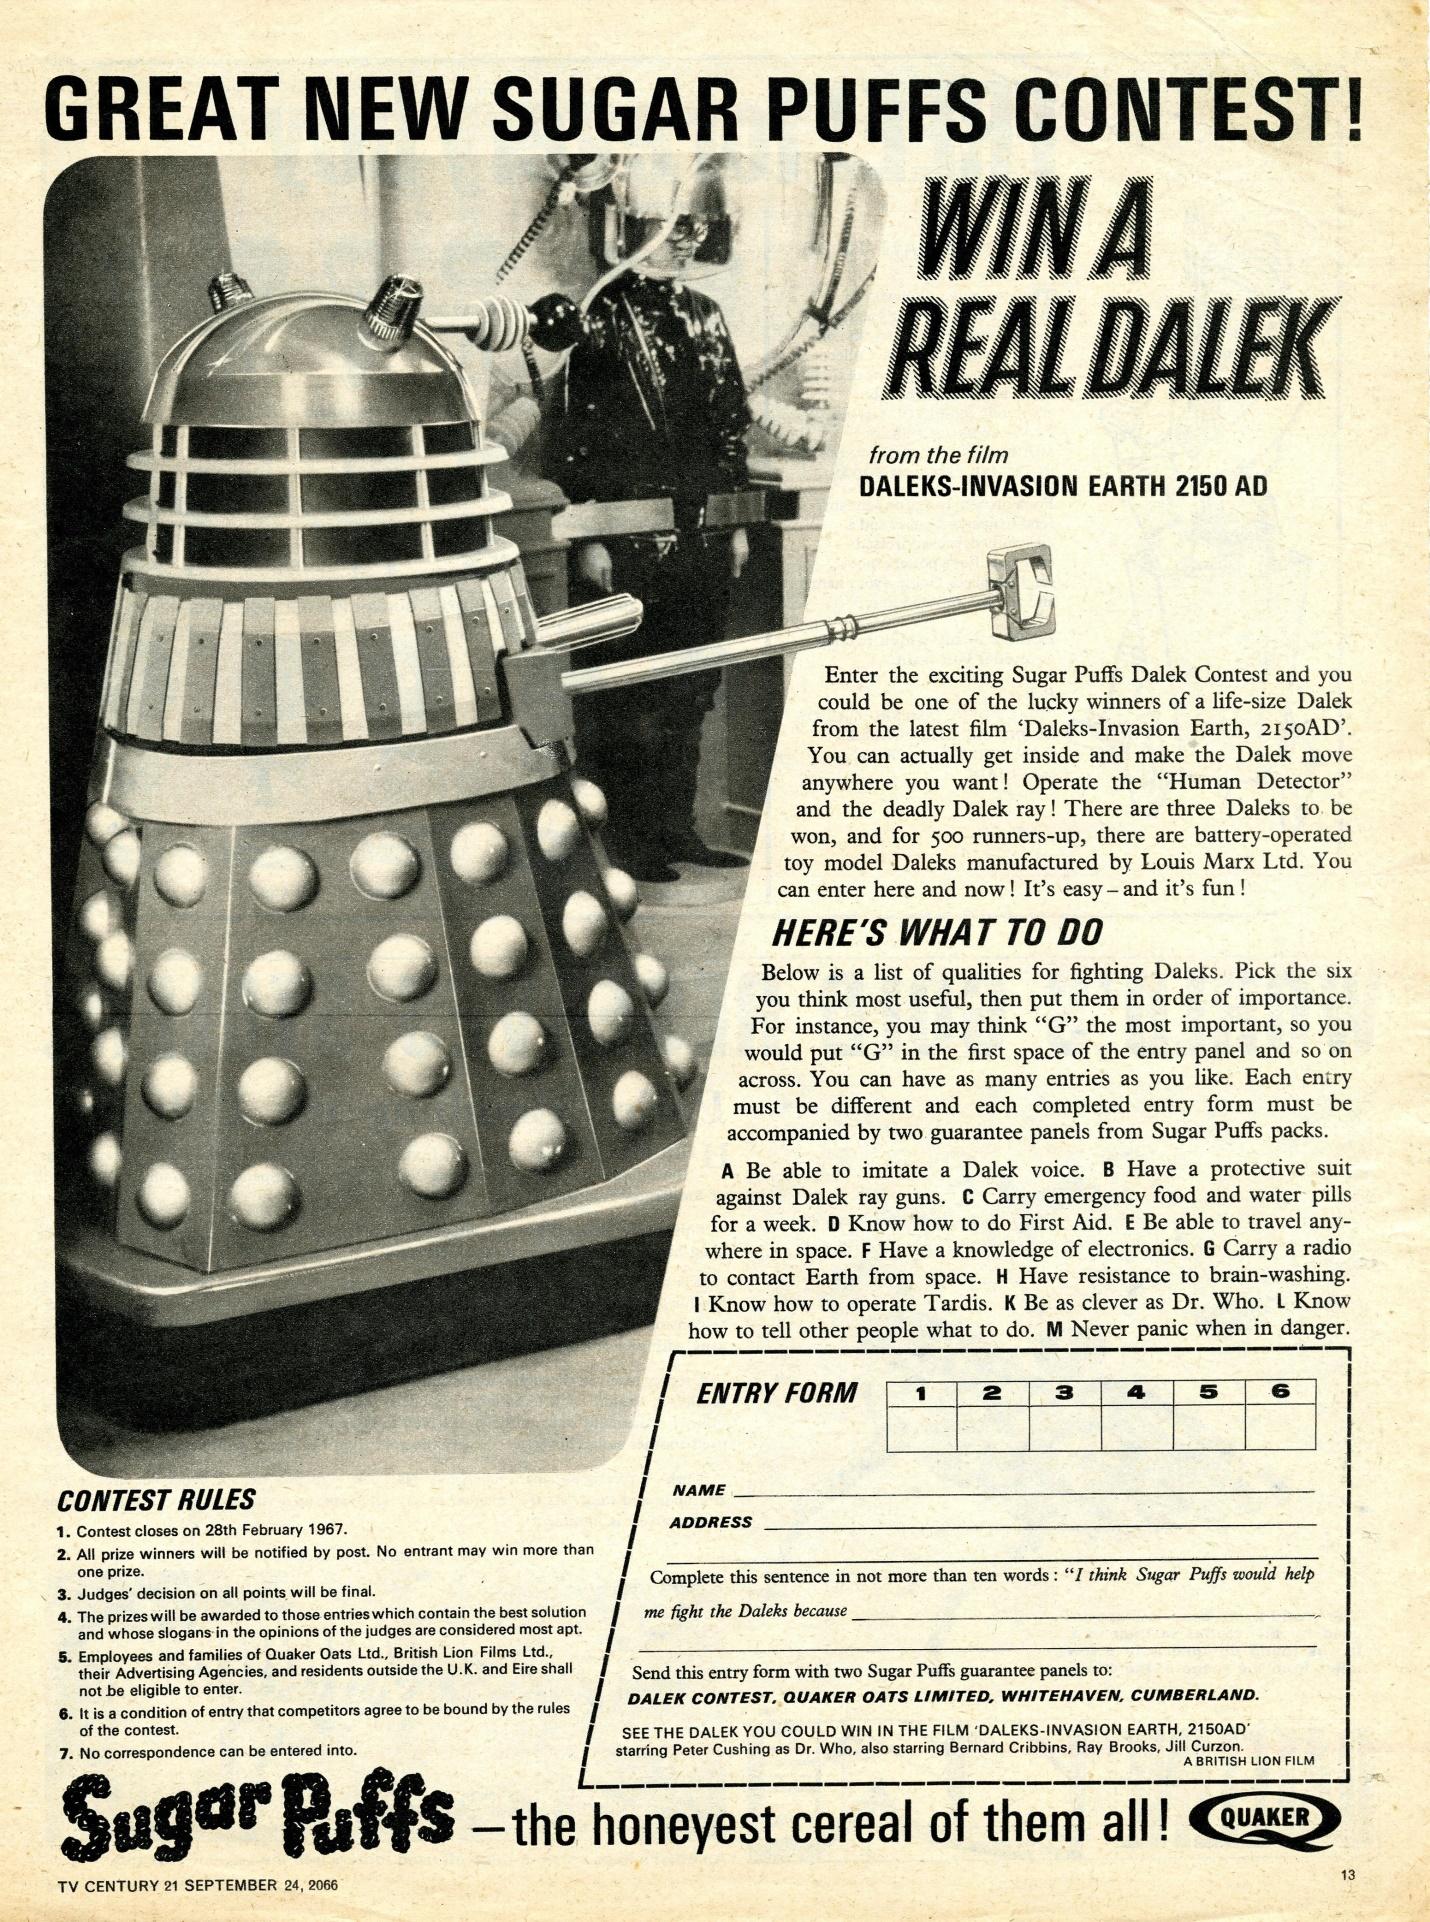 TV Century 21, no. 88, 24 September 2066 (1966)